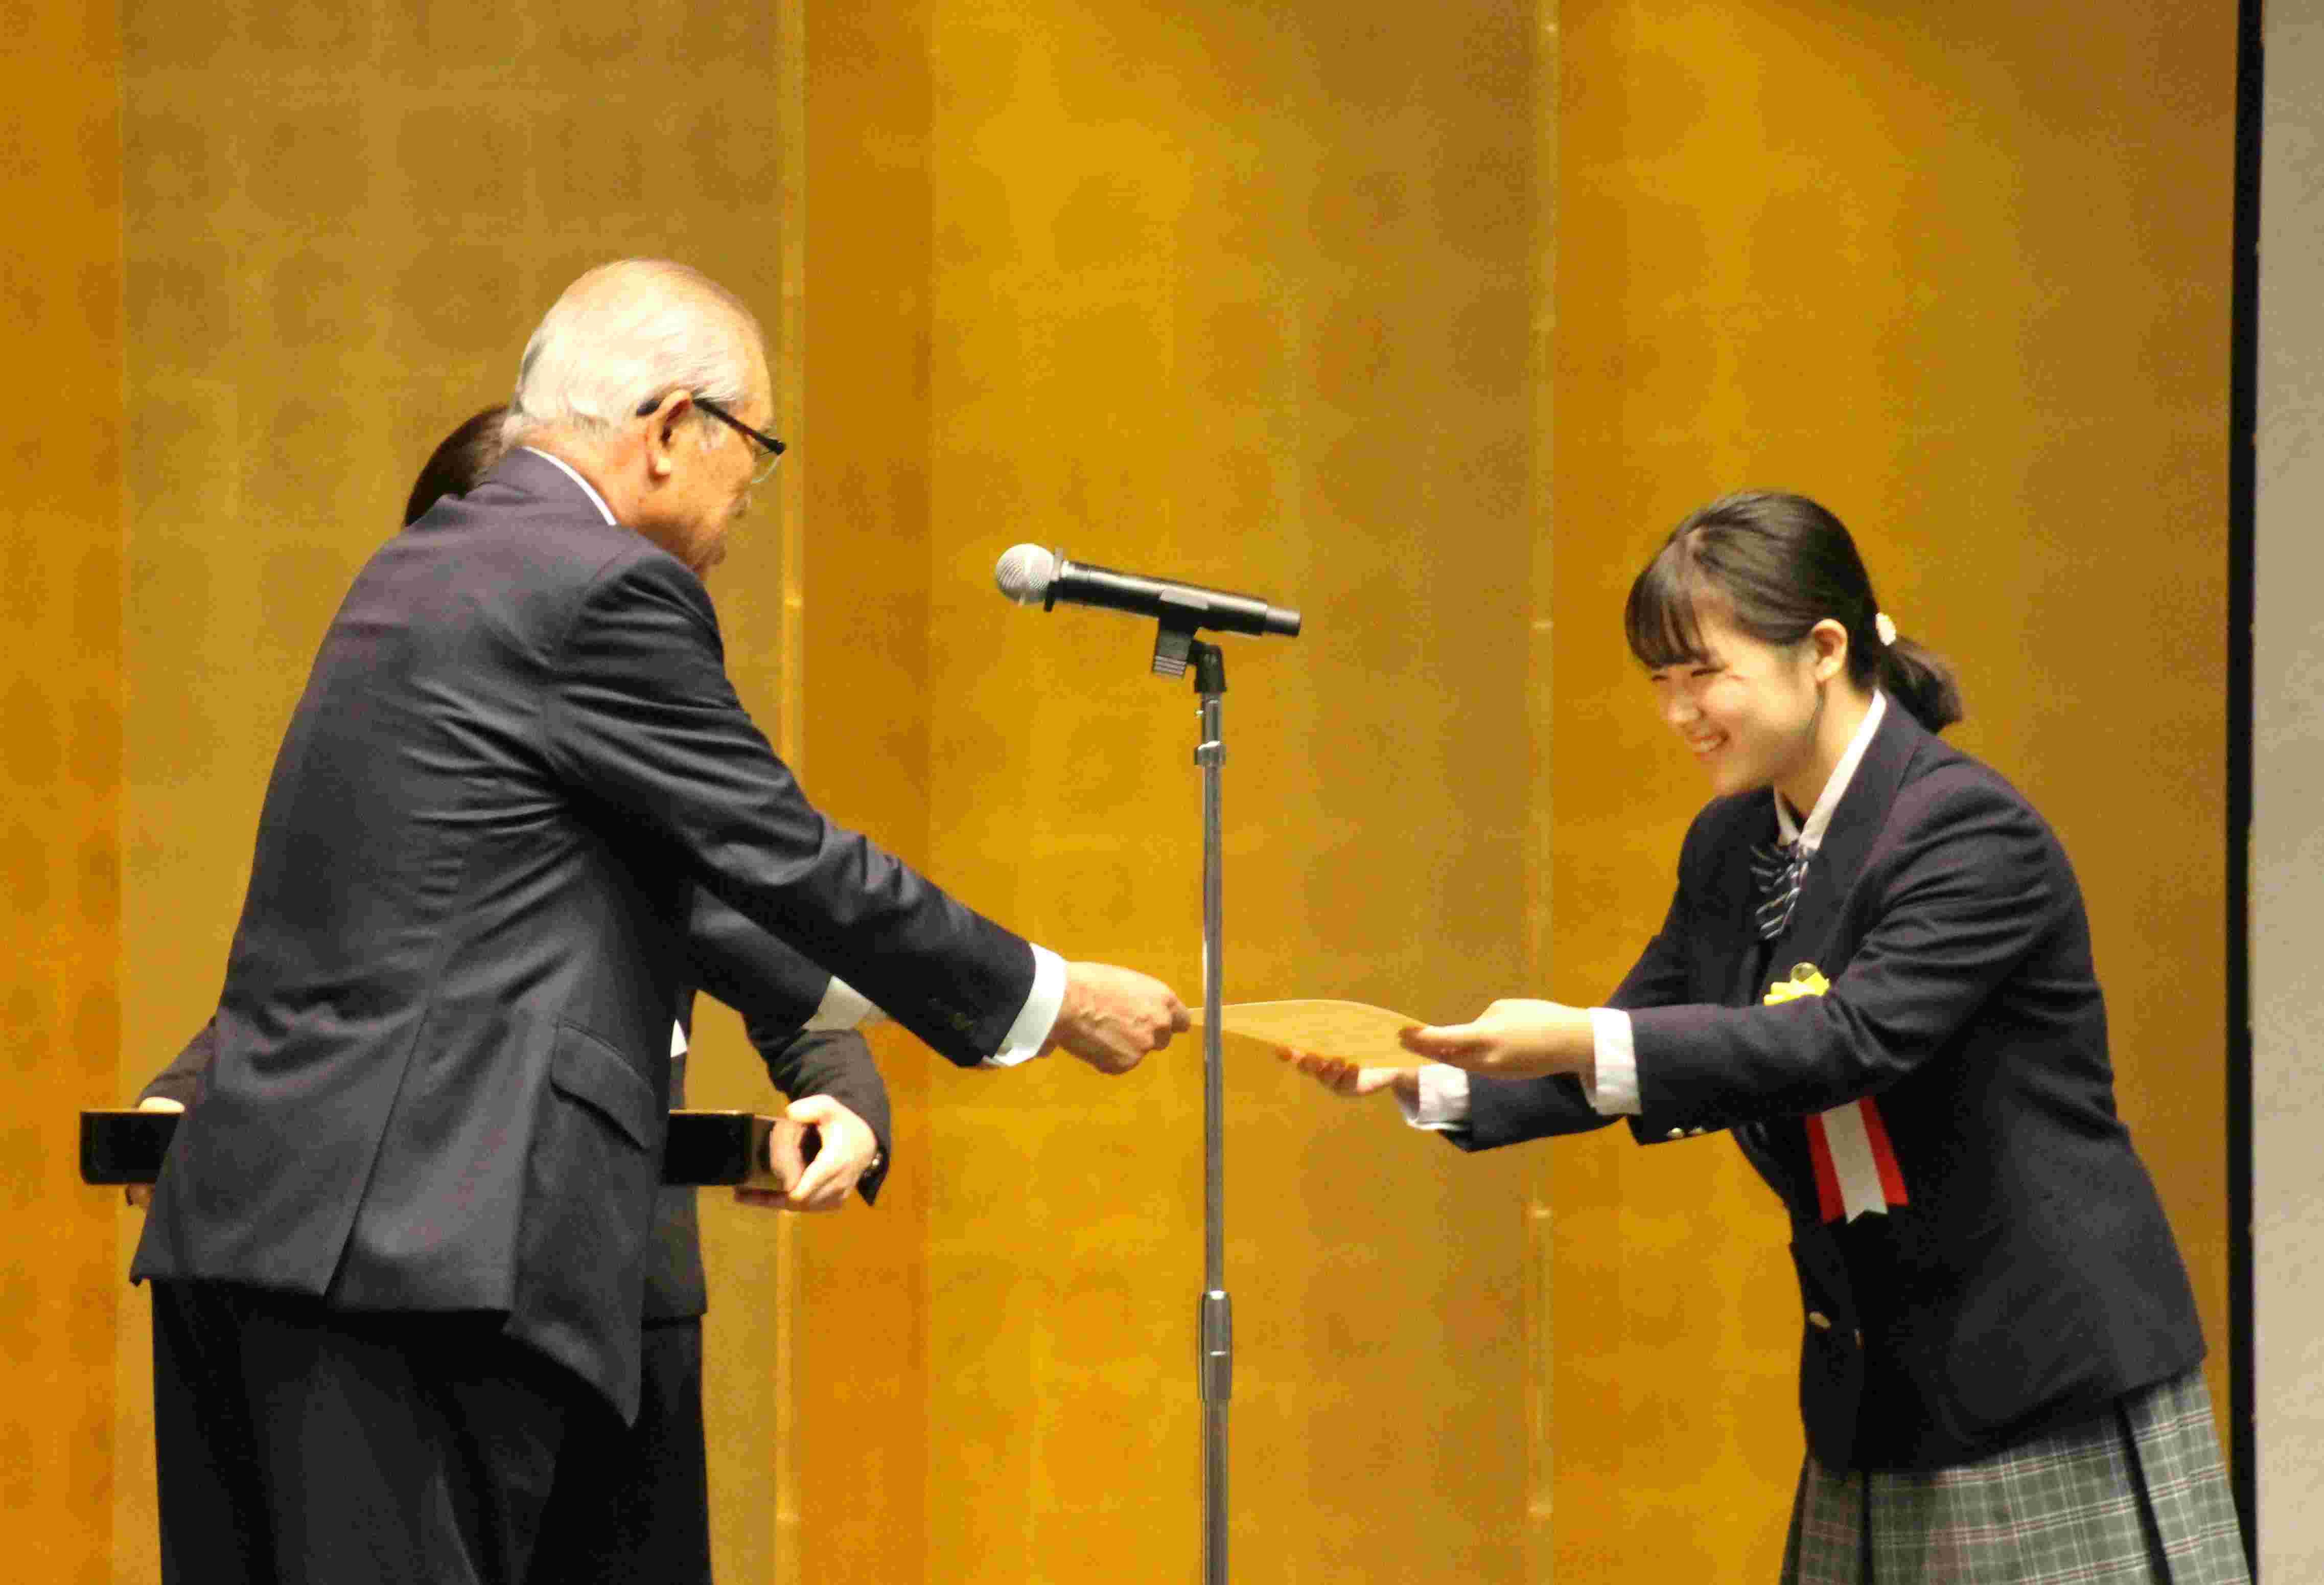 「第10回小さな助け合いの物語賞」で藤野涼子賞を受賞